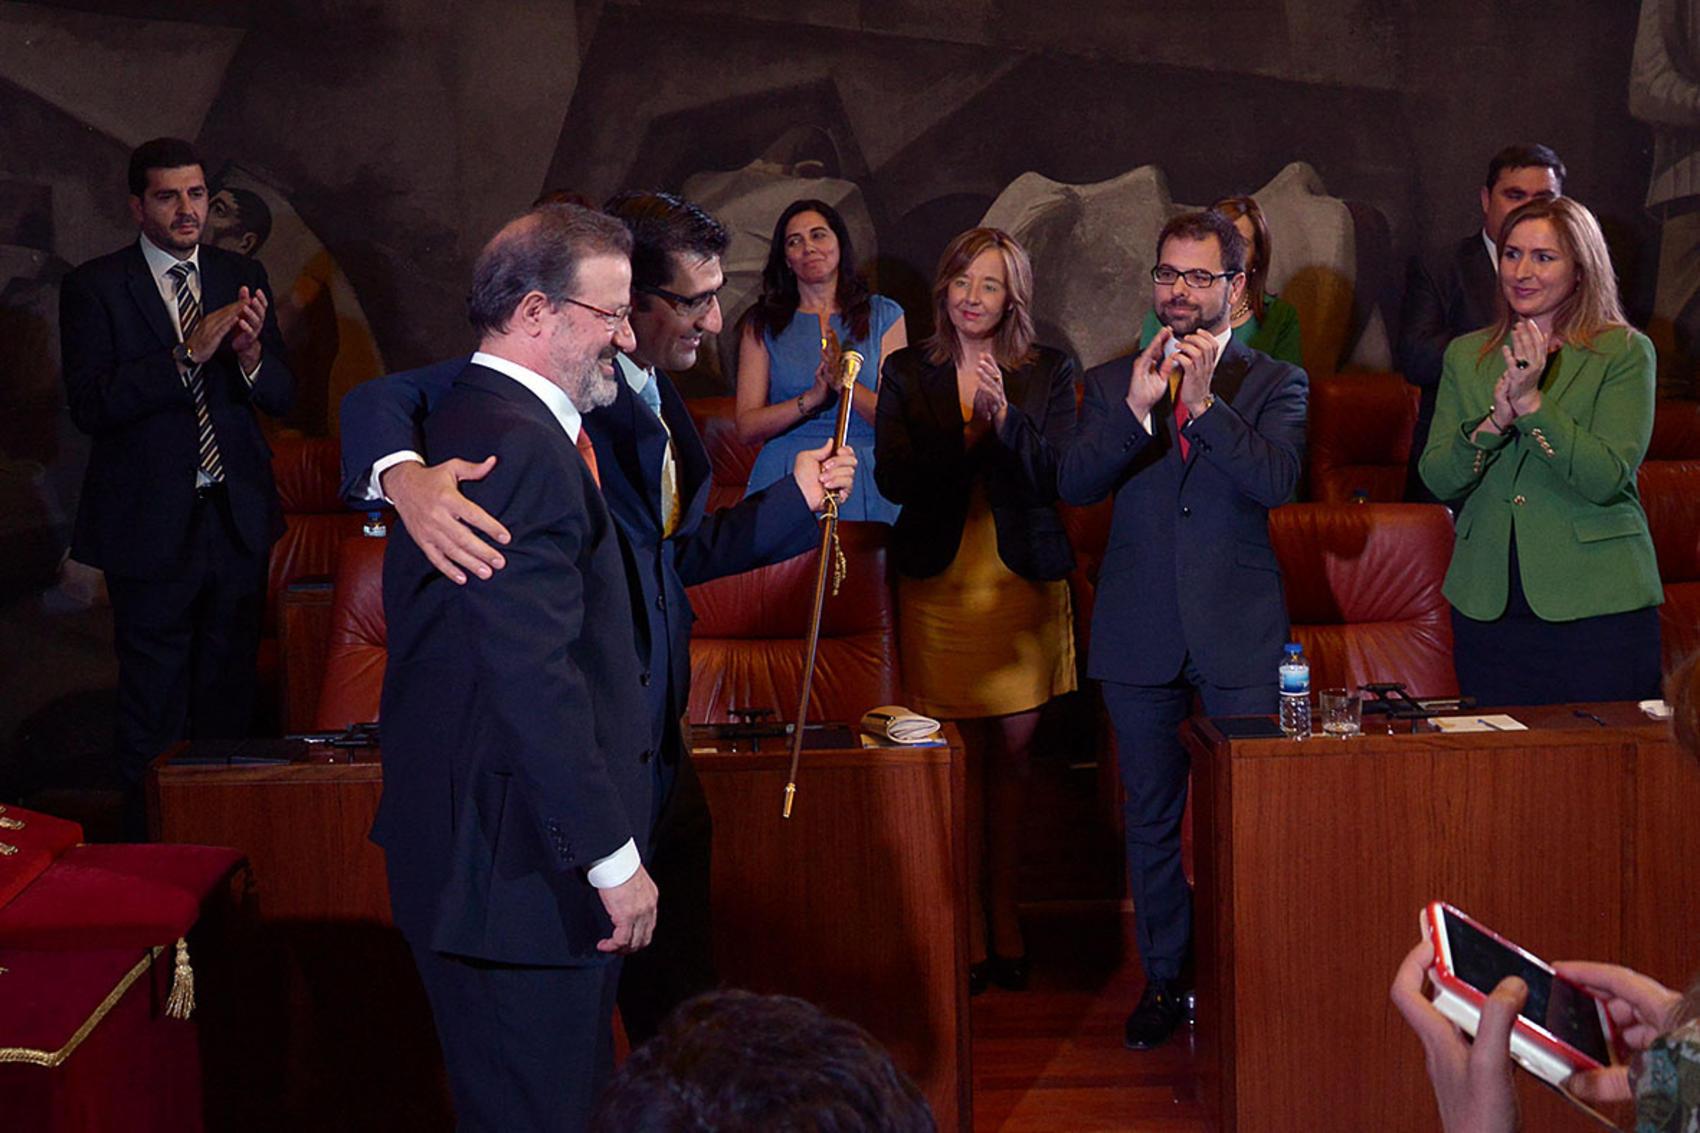 Jose Manuel Caballero recibe el bastón de mando de manos de Nemesio de Lara